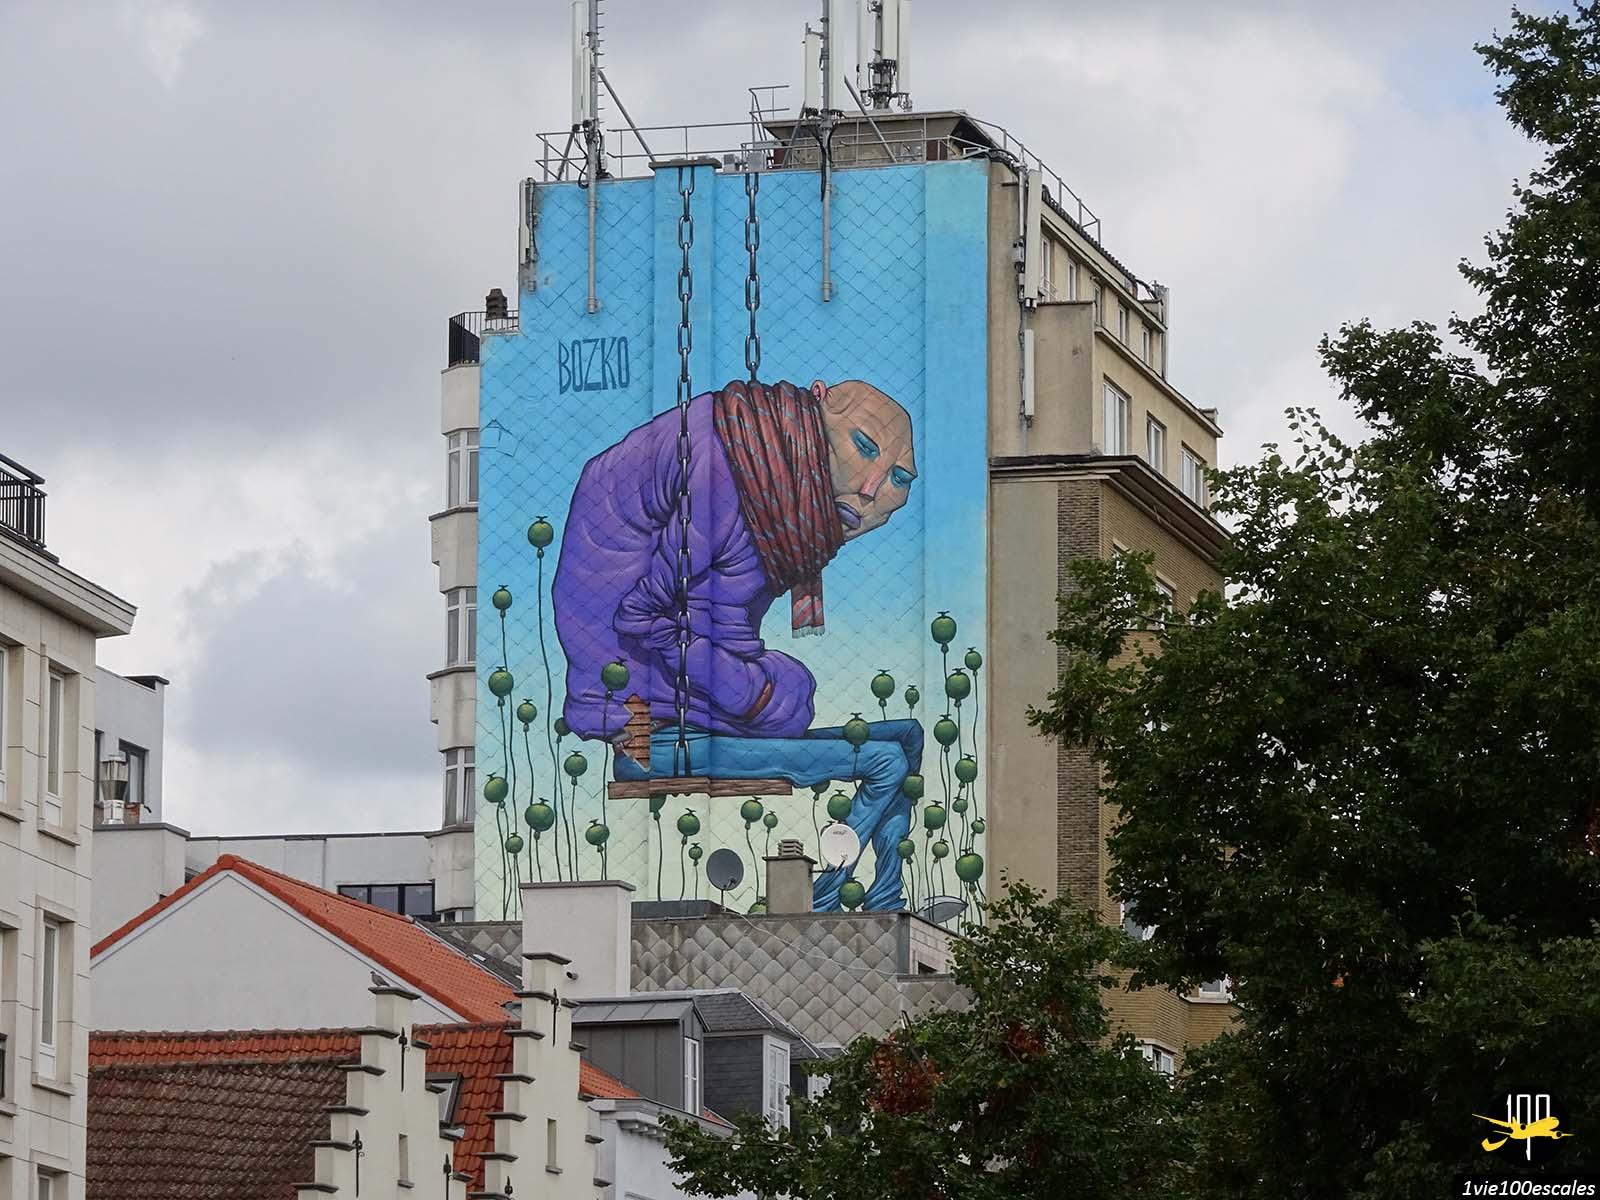 Une immense peinture sur un immeuble de Bruxelles